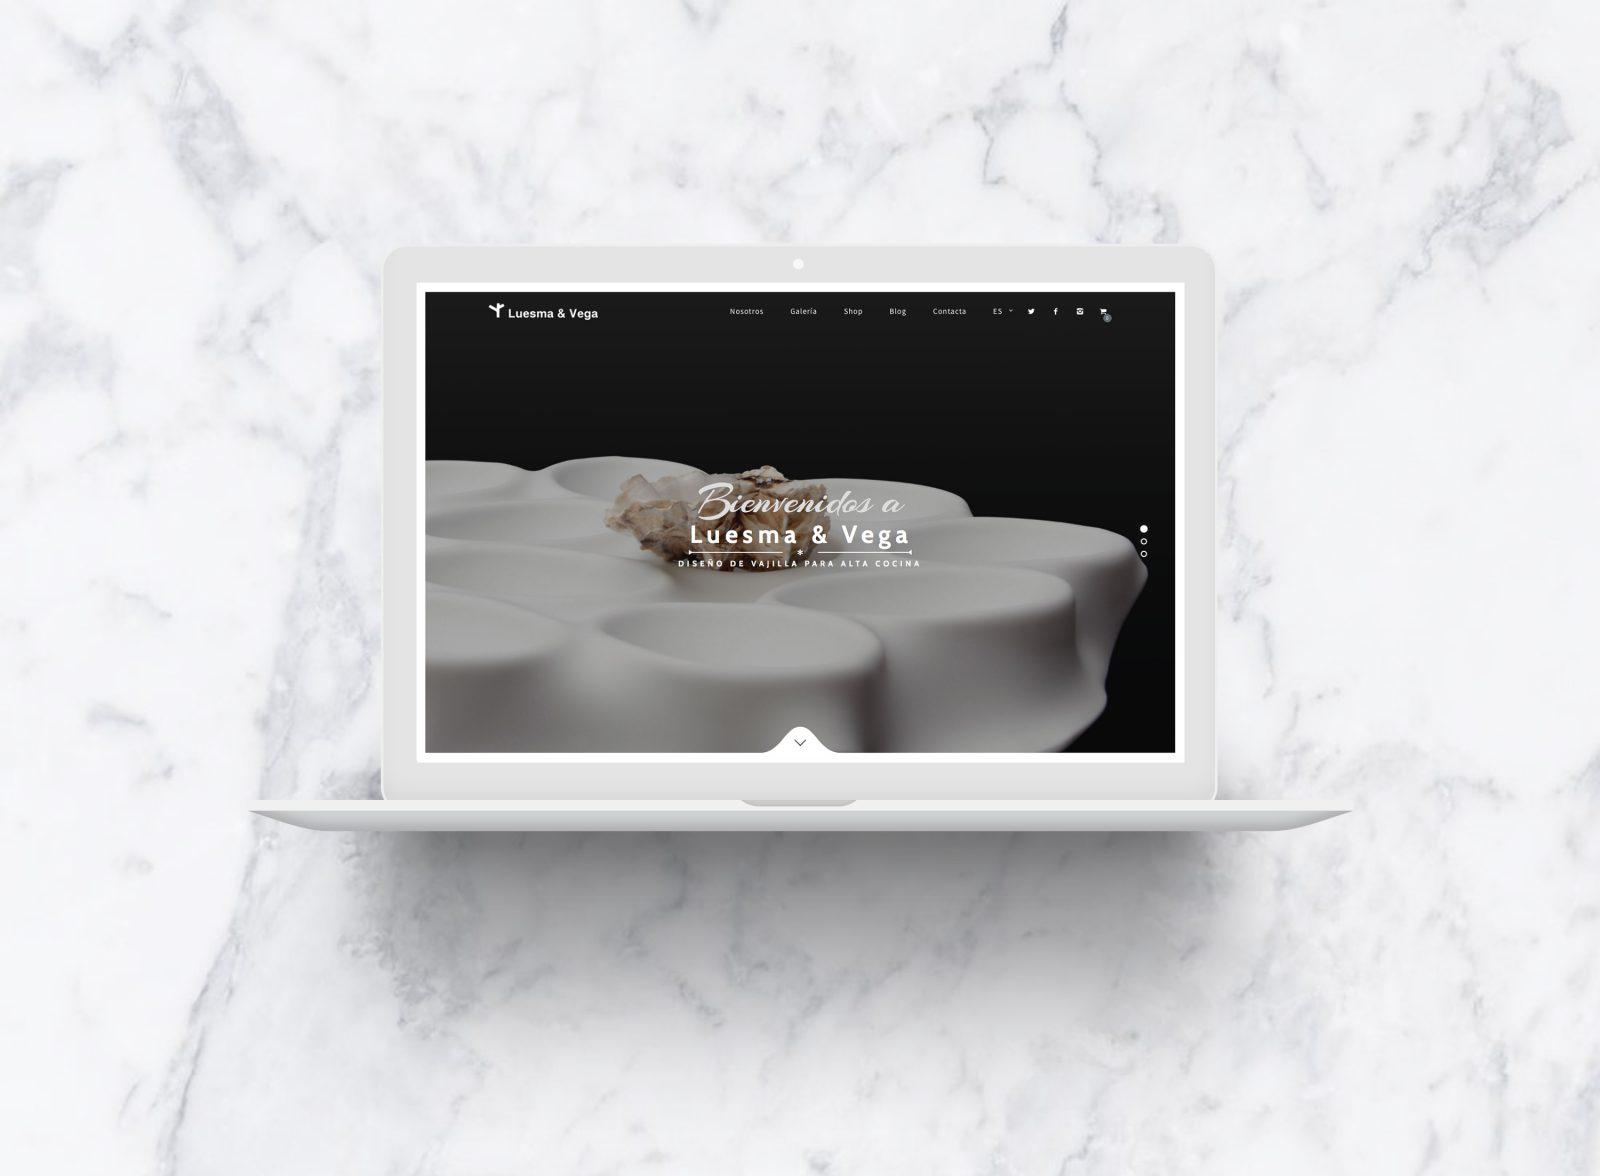 Diseño web responsive para web artesana de vajilla de lujo